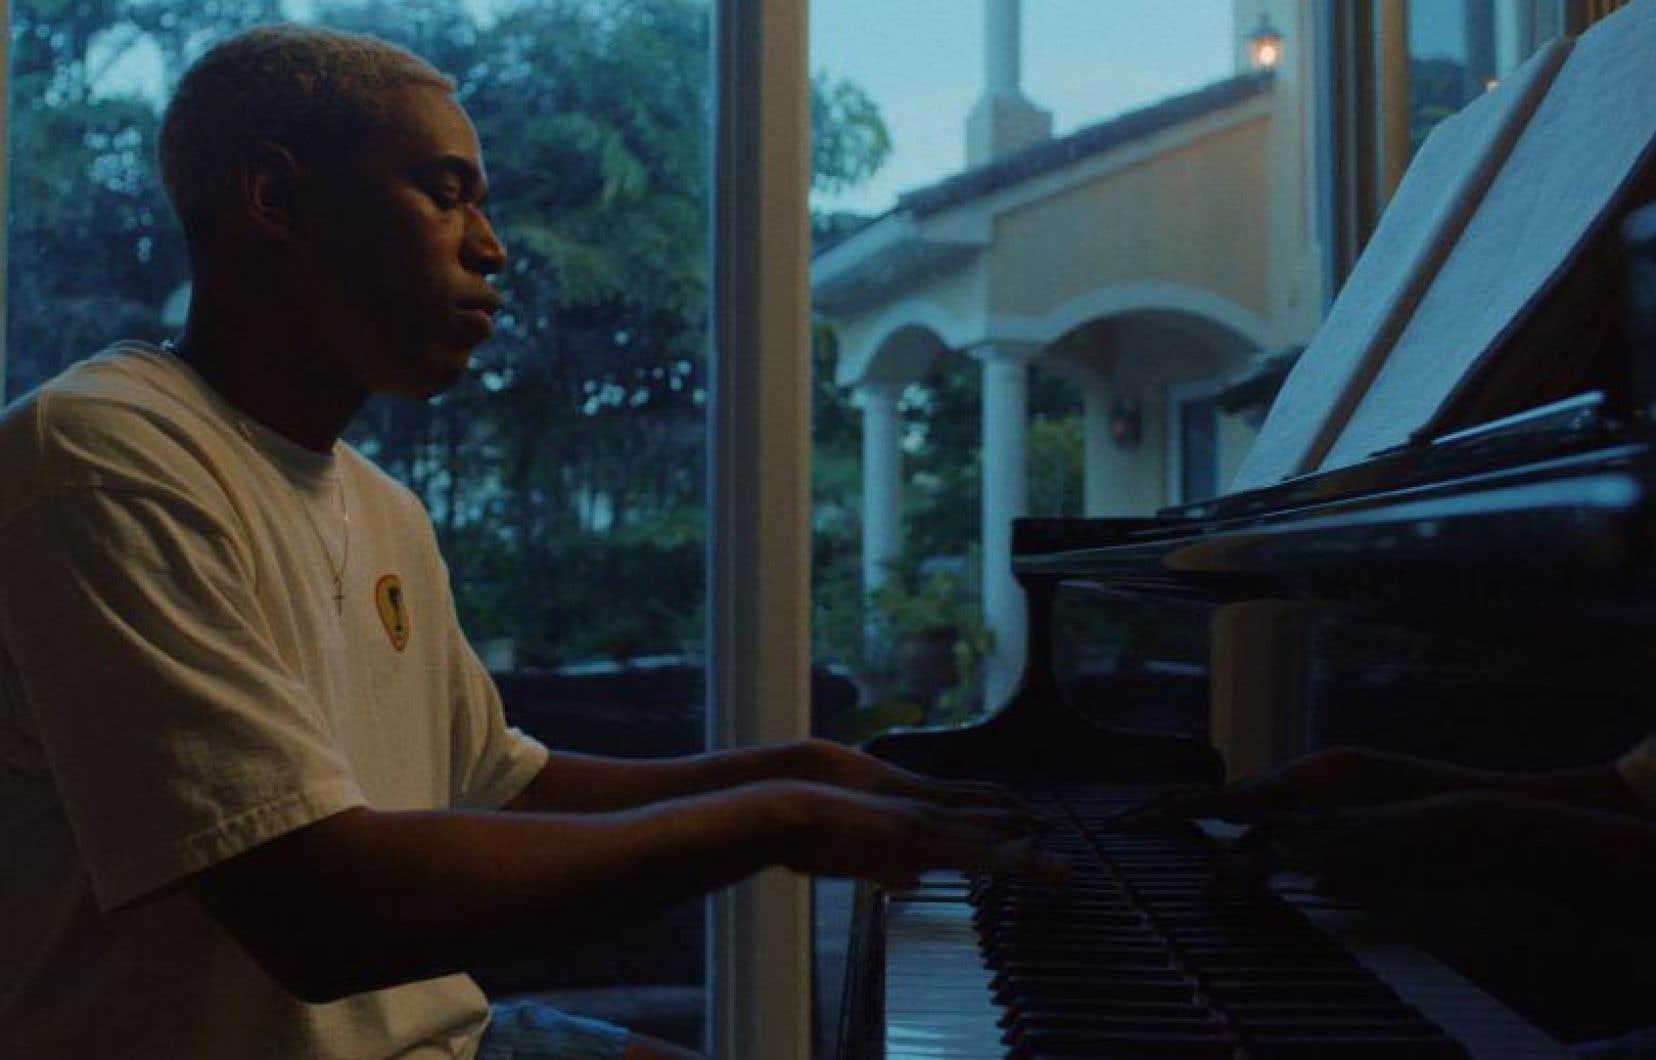 Kelvin Harrison Jr. est tout spécialement brillant dans le rôle de Tyler. Dans le rôle de sa sœur Emily, à qui la deuxième partie du long métrage est consacrée, Taylor Russell est tout simplement vibrante.